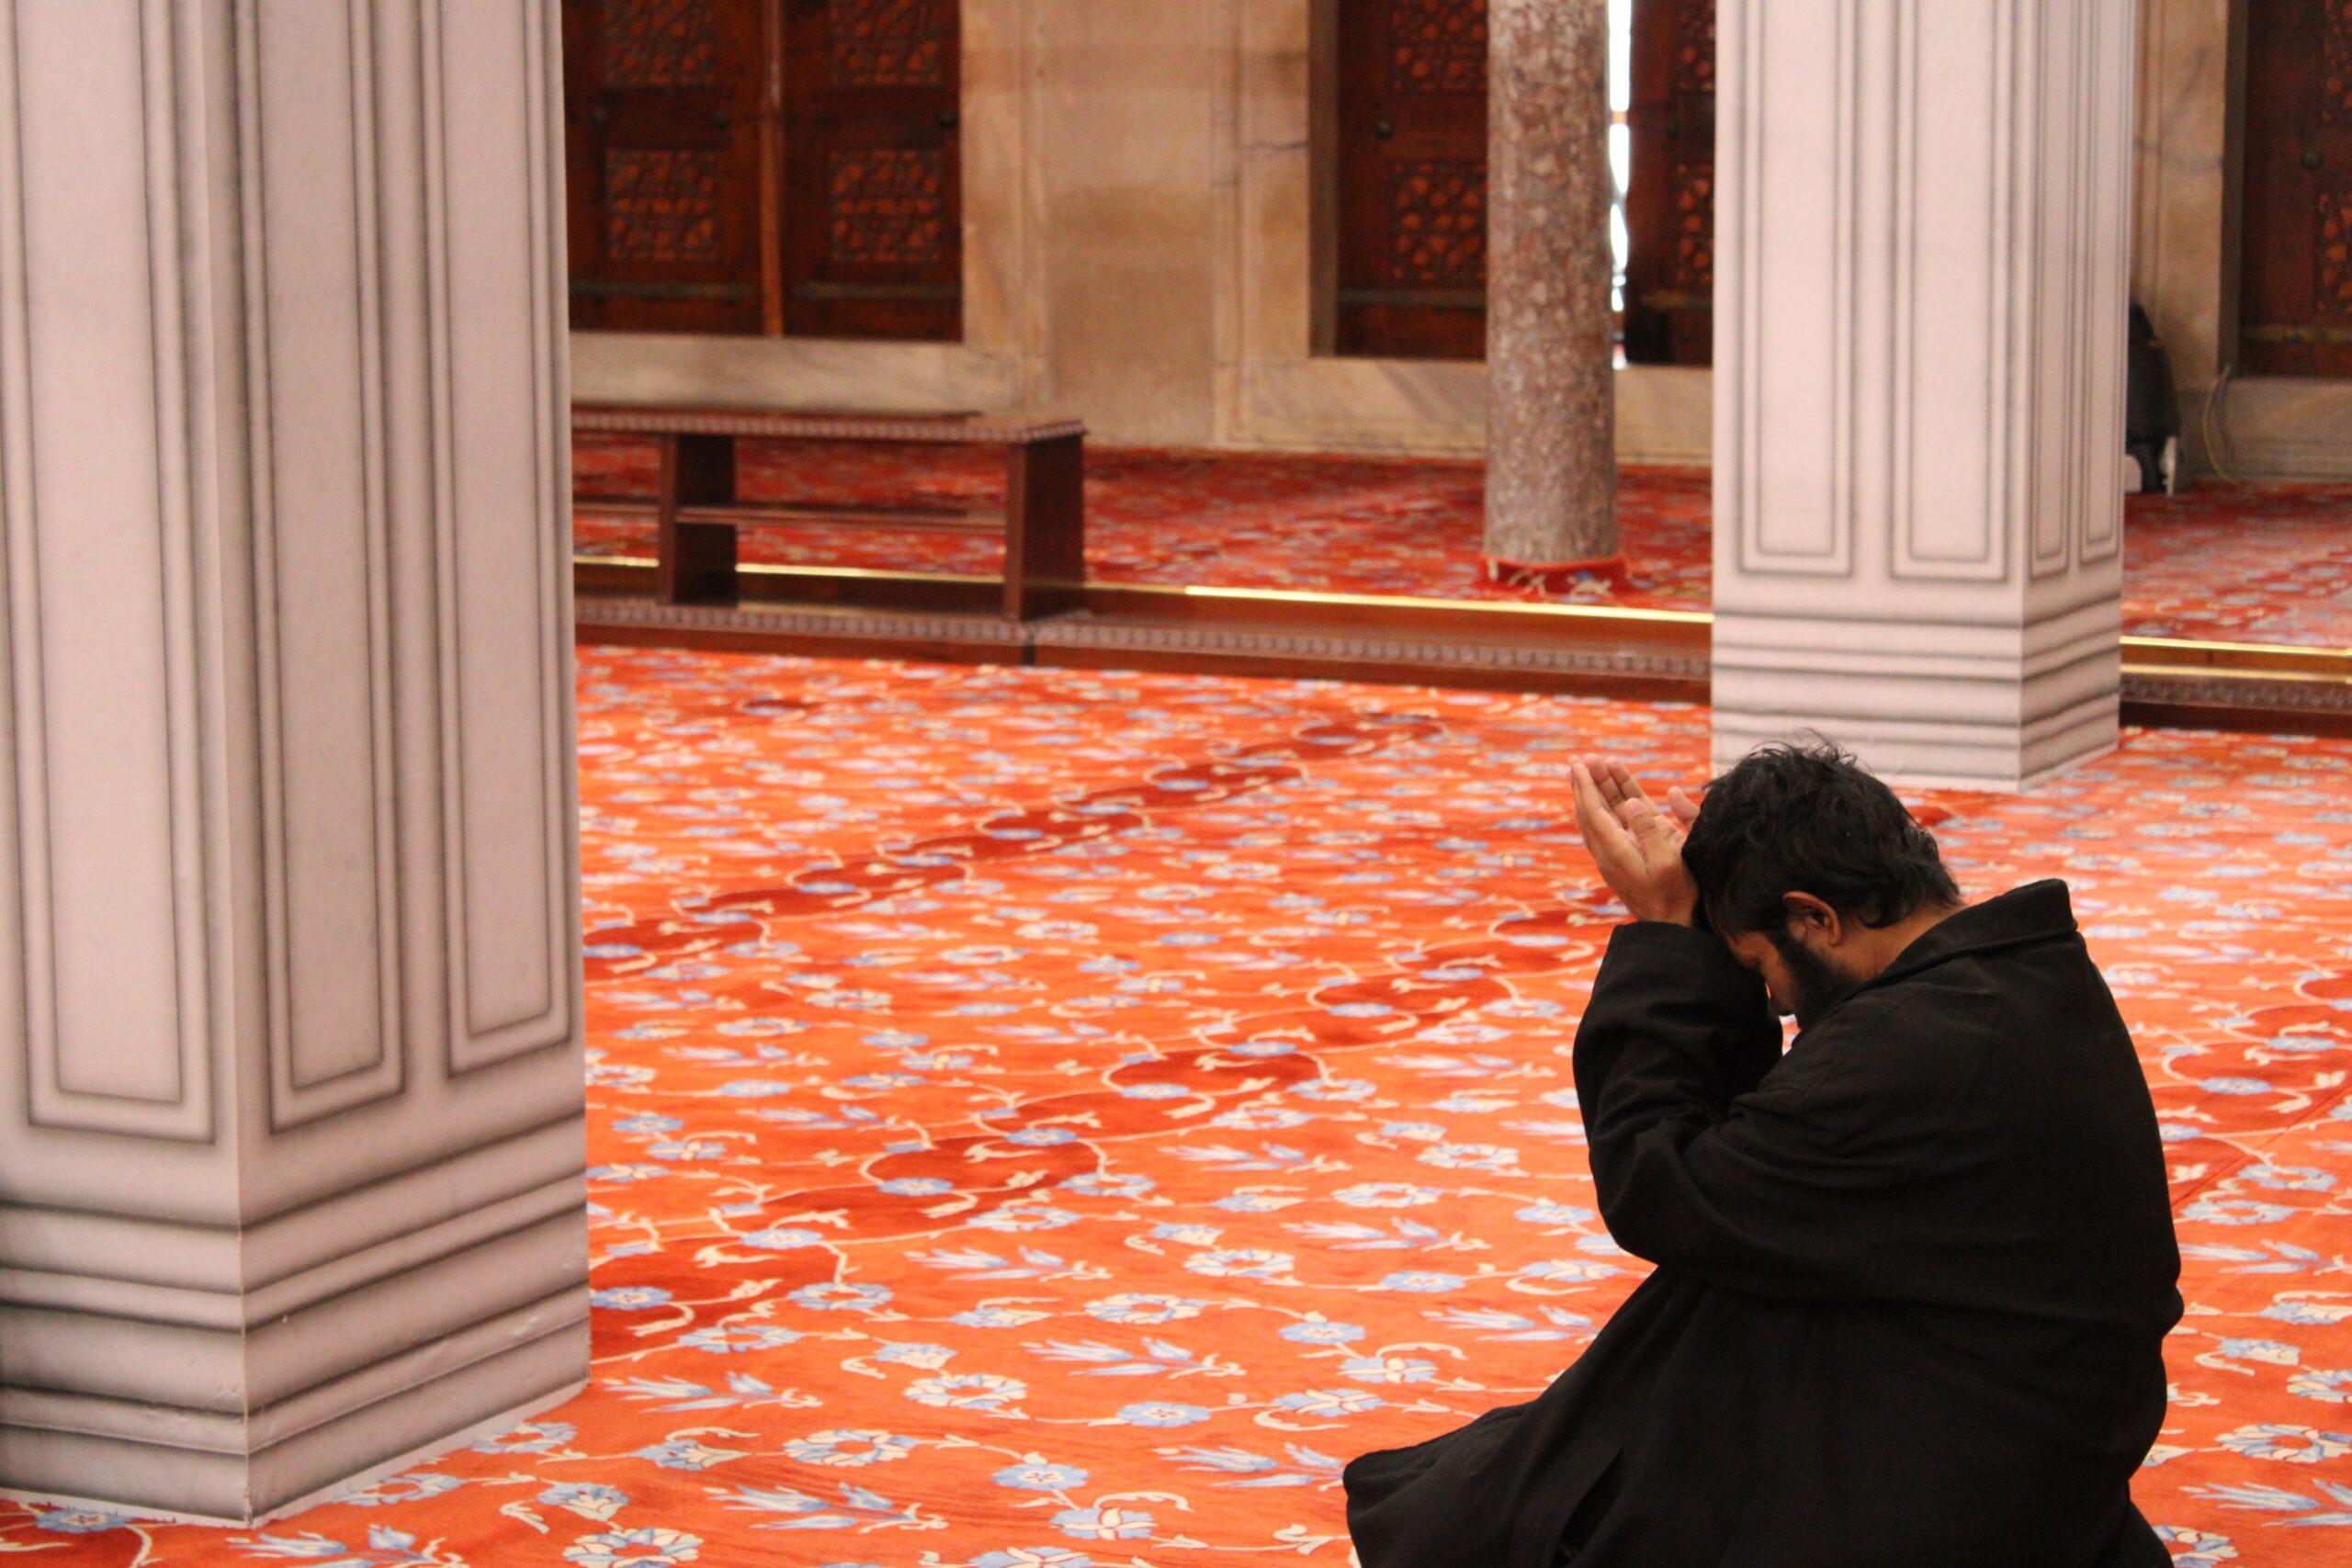 covid ramadan, covid-19 ramadan, 2020 ramdan, muslim covid-19, coronavirus ramadan, Eid 2020, Holy month of Ramadan, Holy month of Ramadan 2020, Holy month of Ramadan covid-19, Holy month of Ramadan covid, Holy month of Ramadan coronavirus, how to celebrate ramadan during covid-19